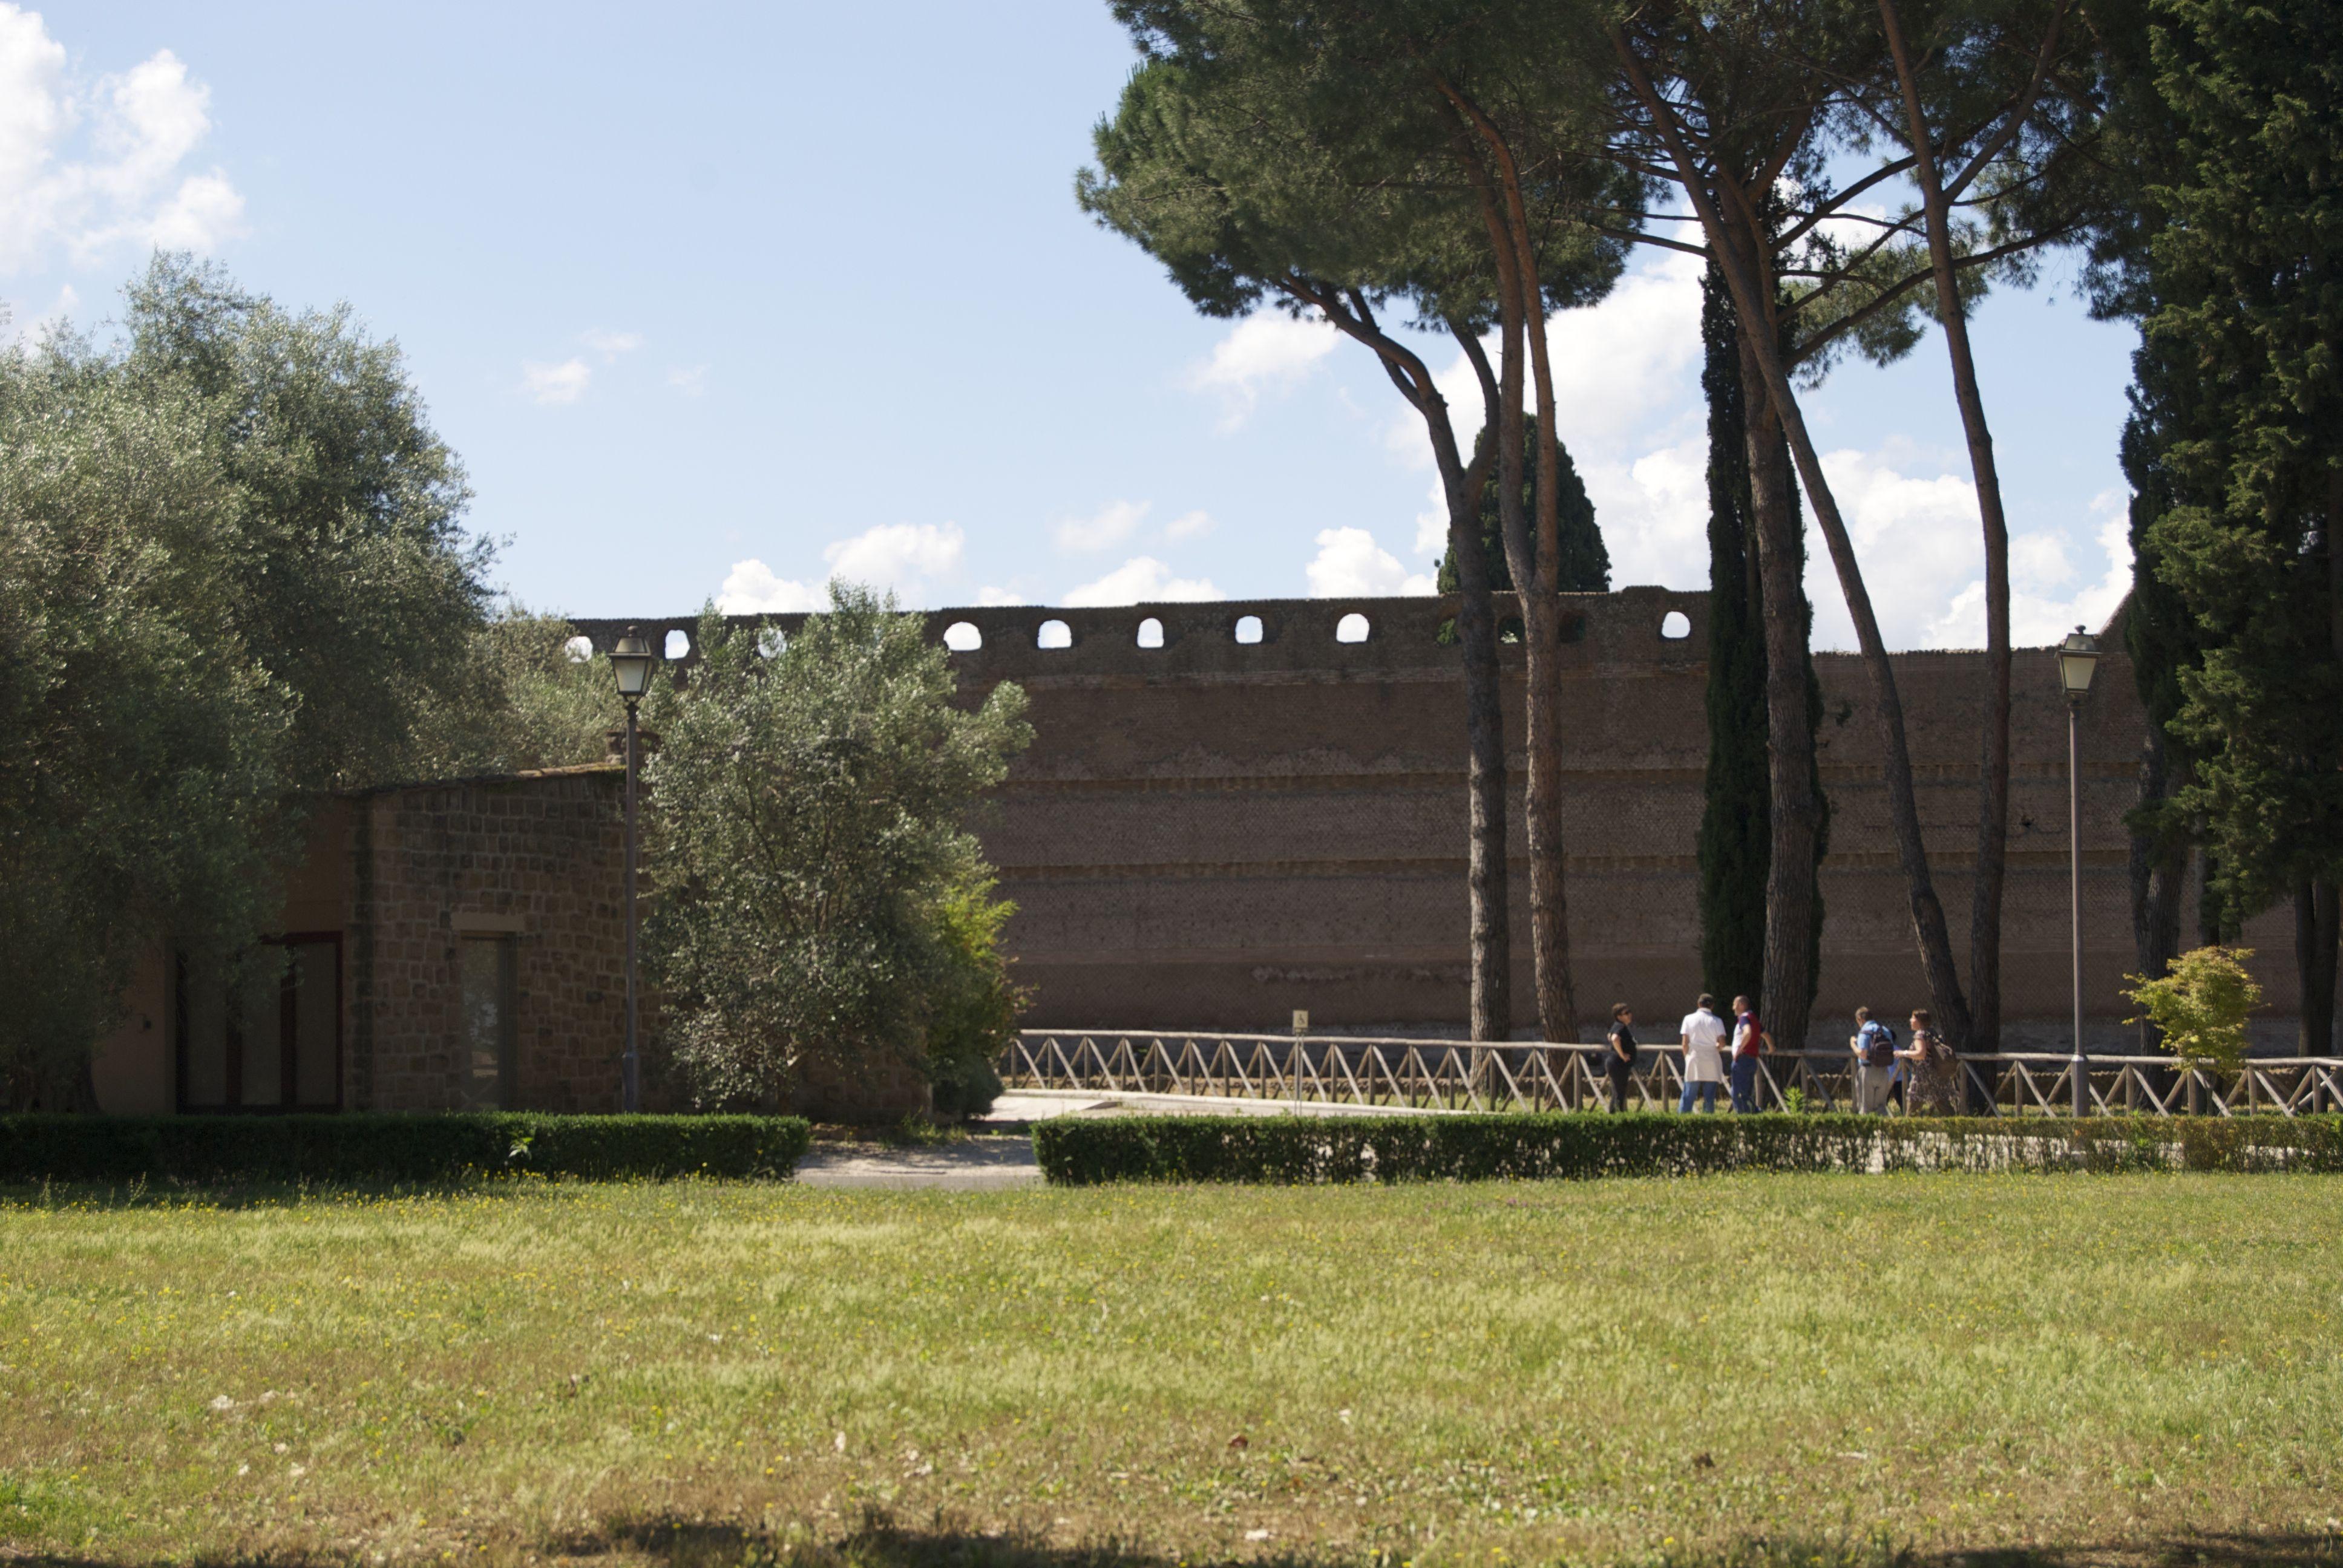 Villa Adriana - Tivoli (RM) Foto Danilo Vinci